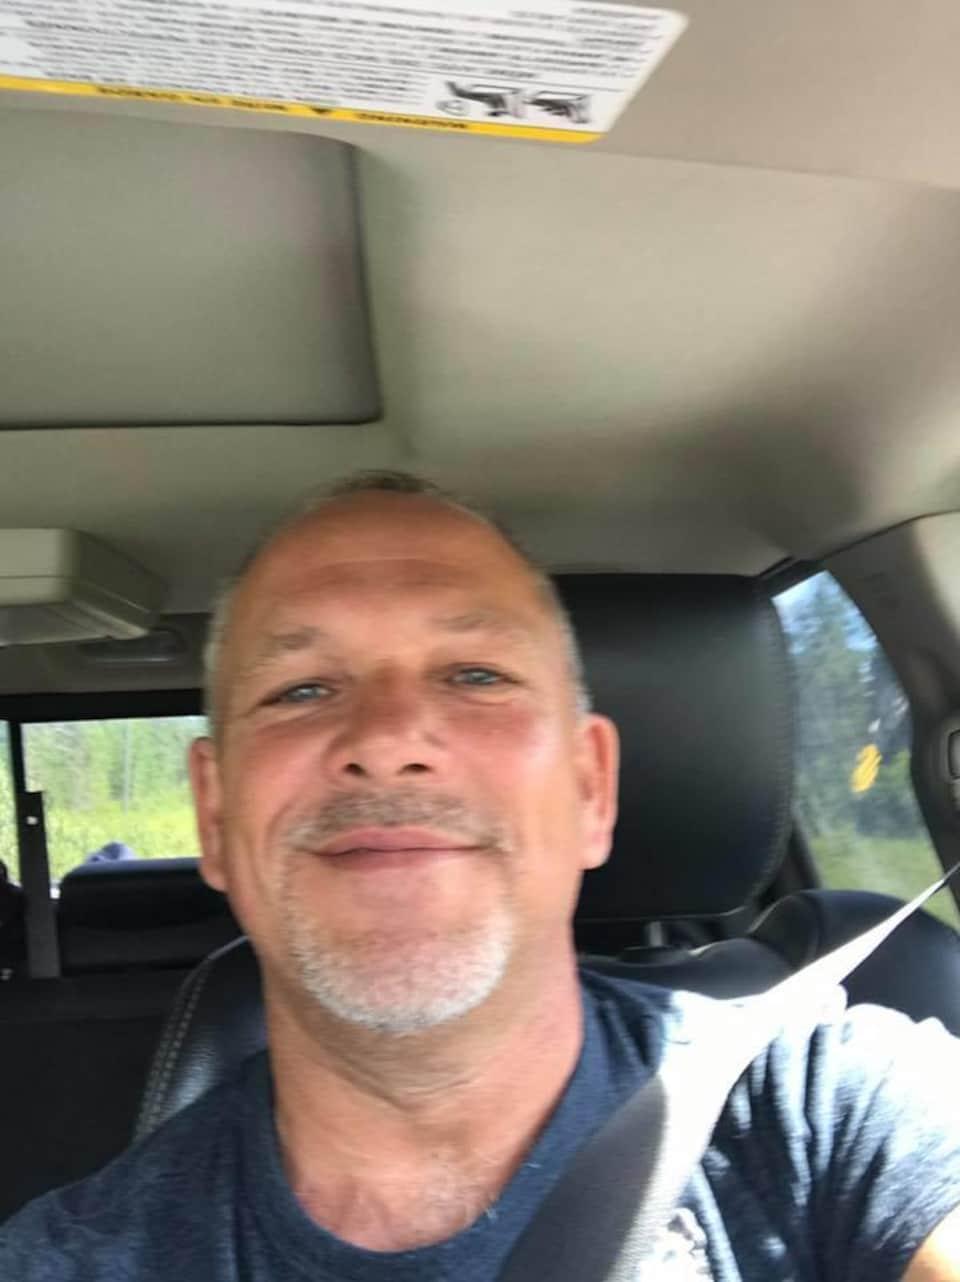 Égoportrait d'un homme dans un véhicule.